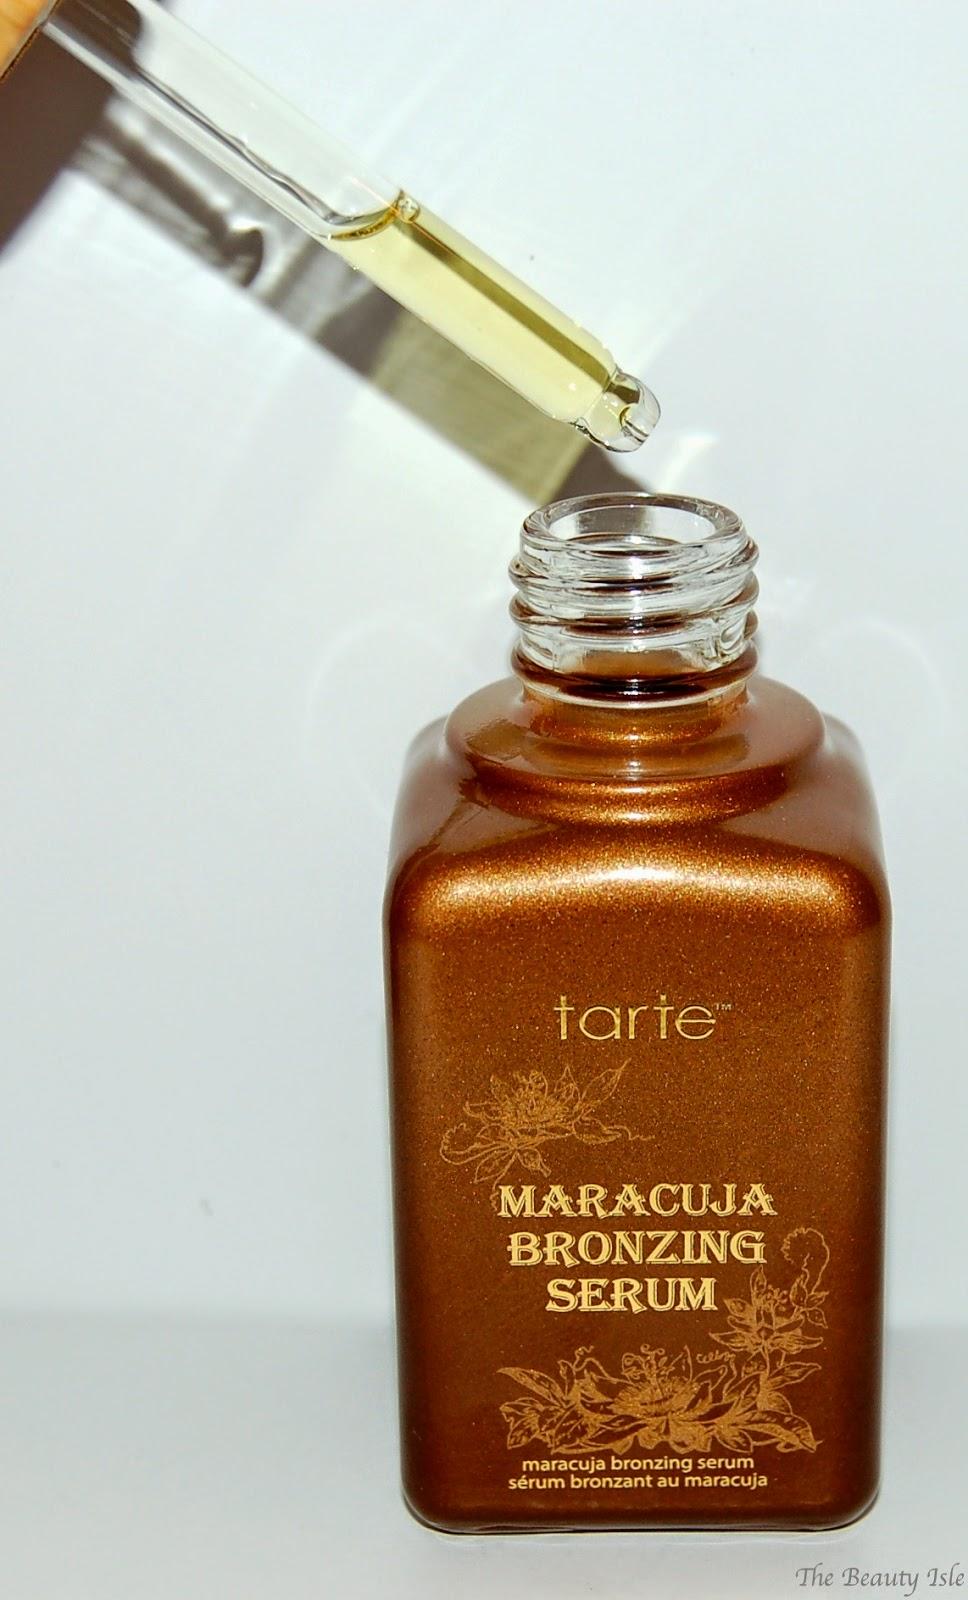 Tarte Maracuja Bronzing Serum